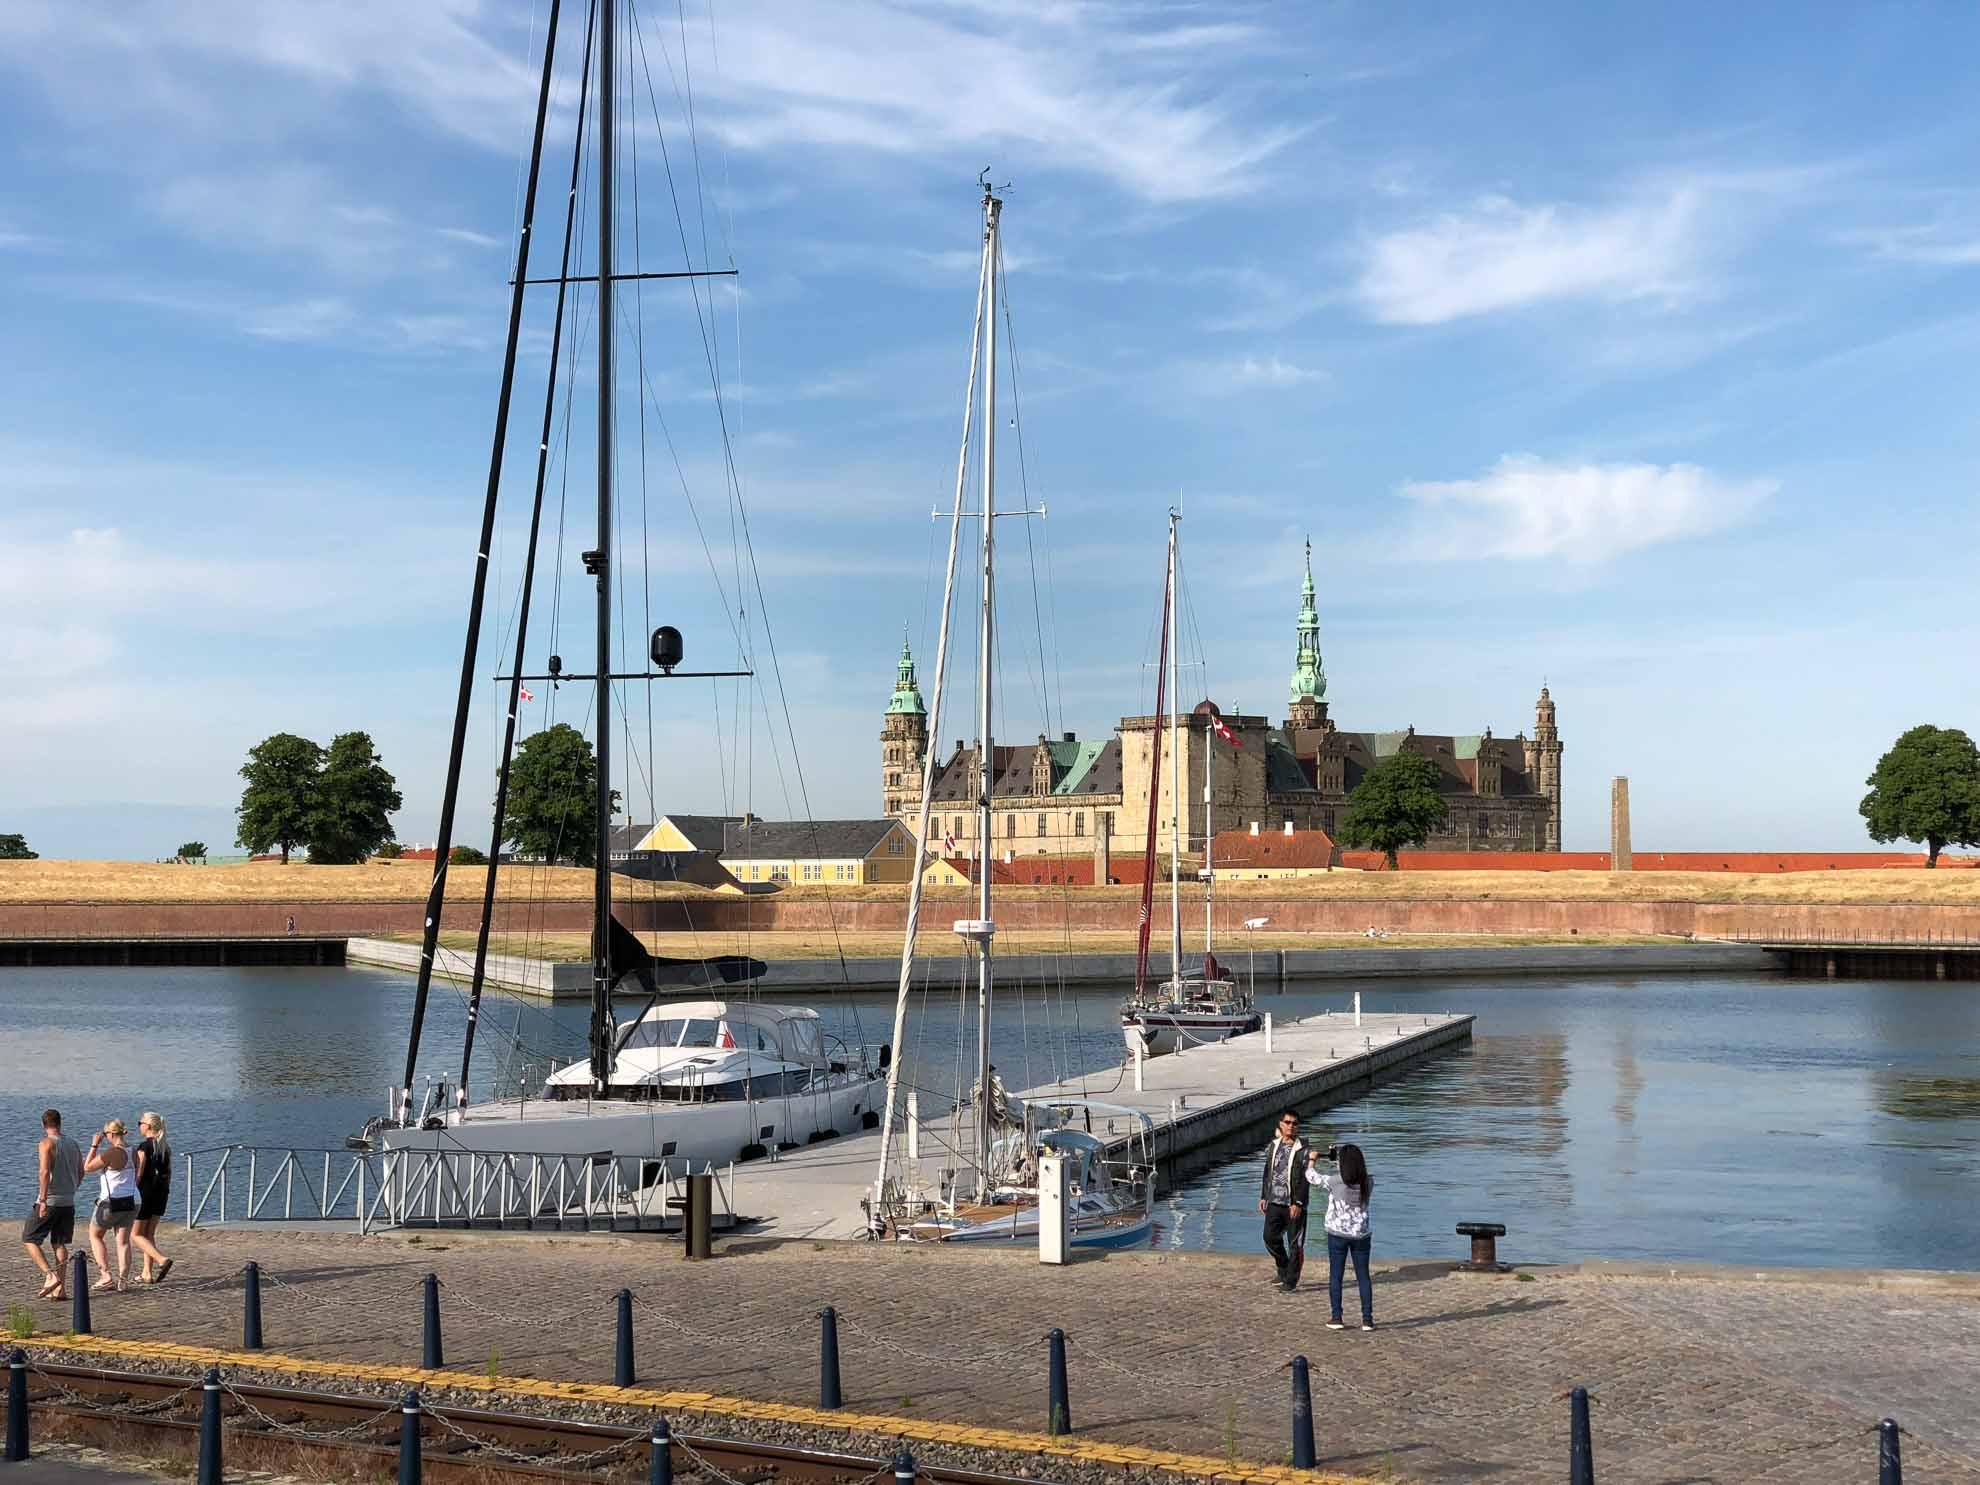 Malaika macht vor Schloss Kronborg fest –  William Shakespeare wählte die Festung eins als Ort für seine Tragödie Hamlet.